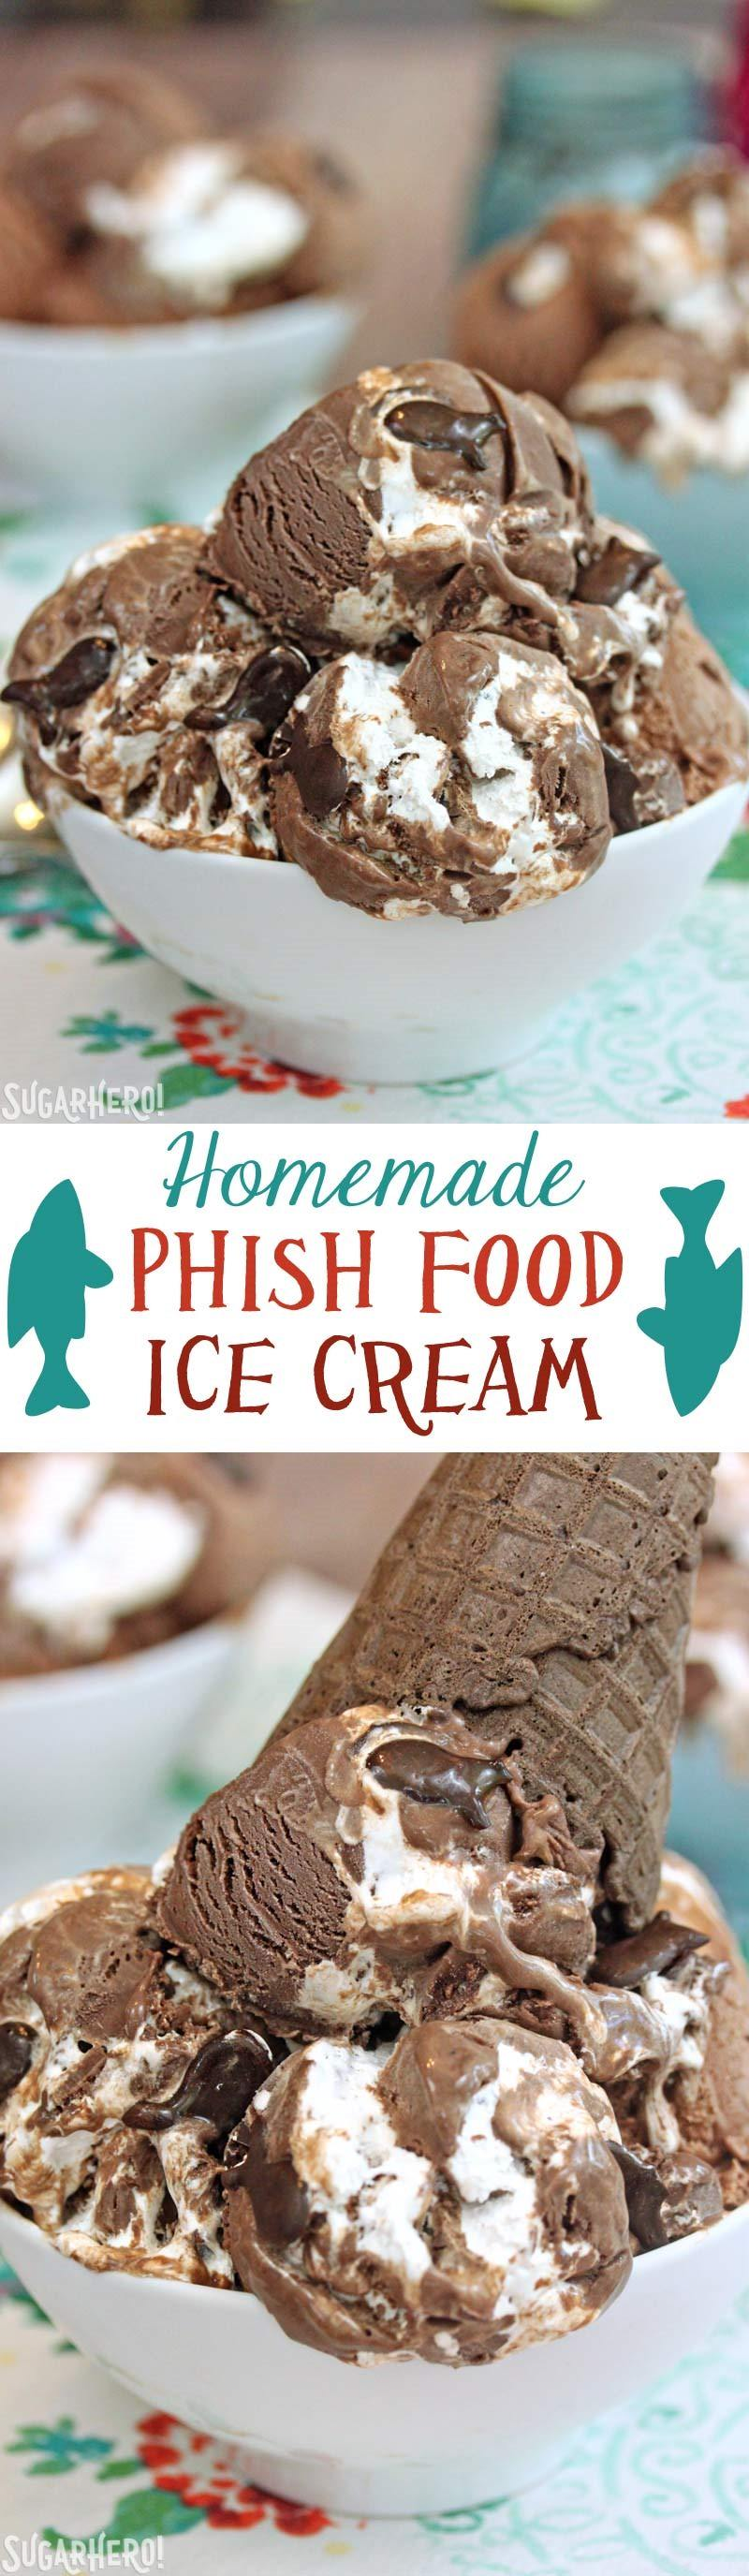 Homemade Phish Food Ice Cream | From SugarHero.com